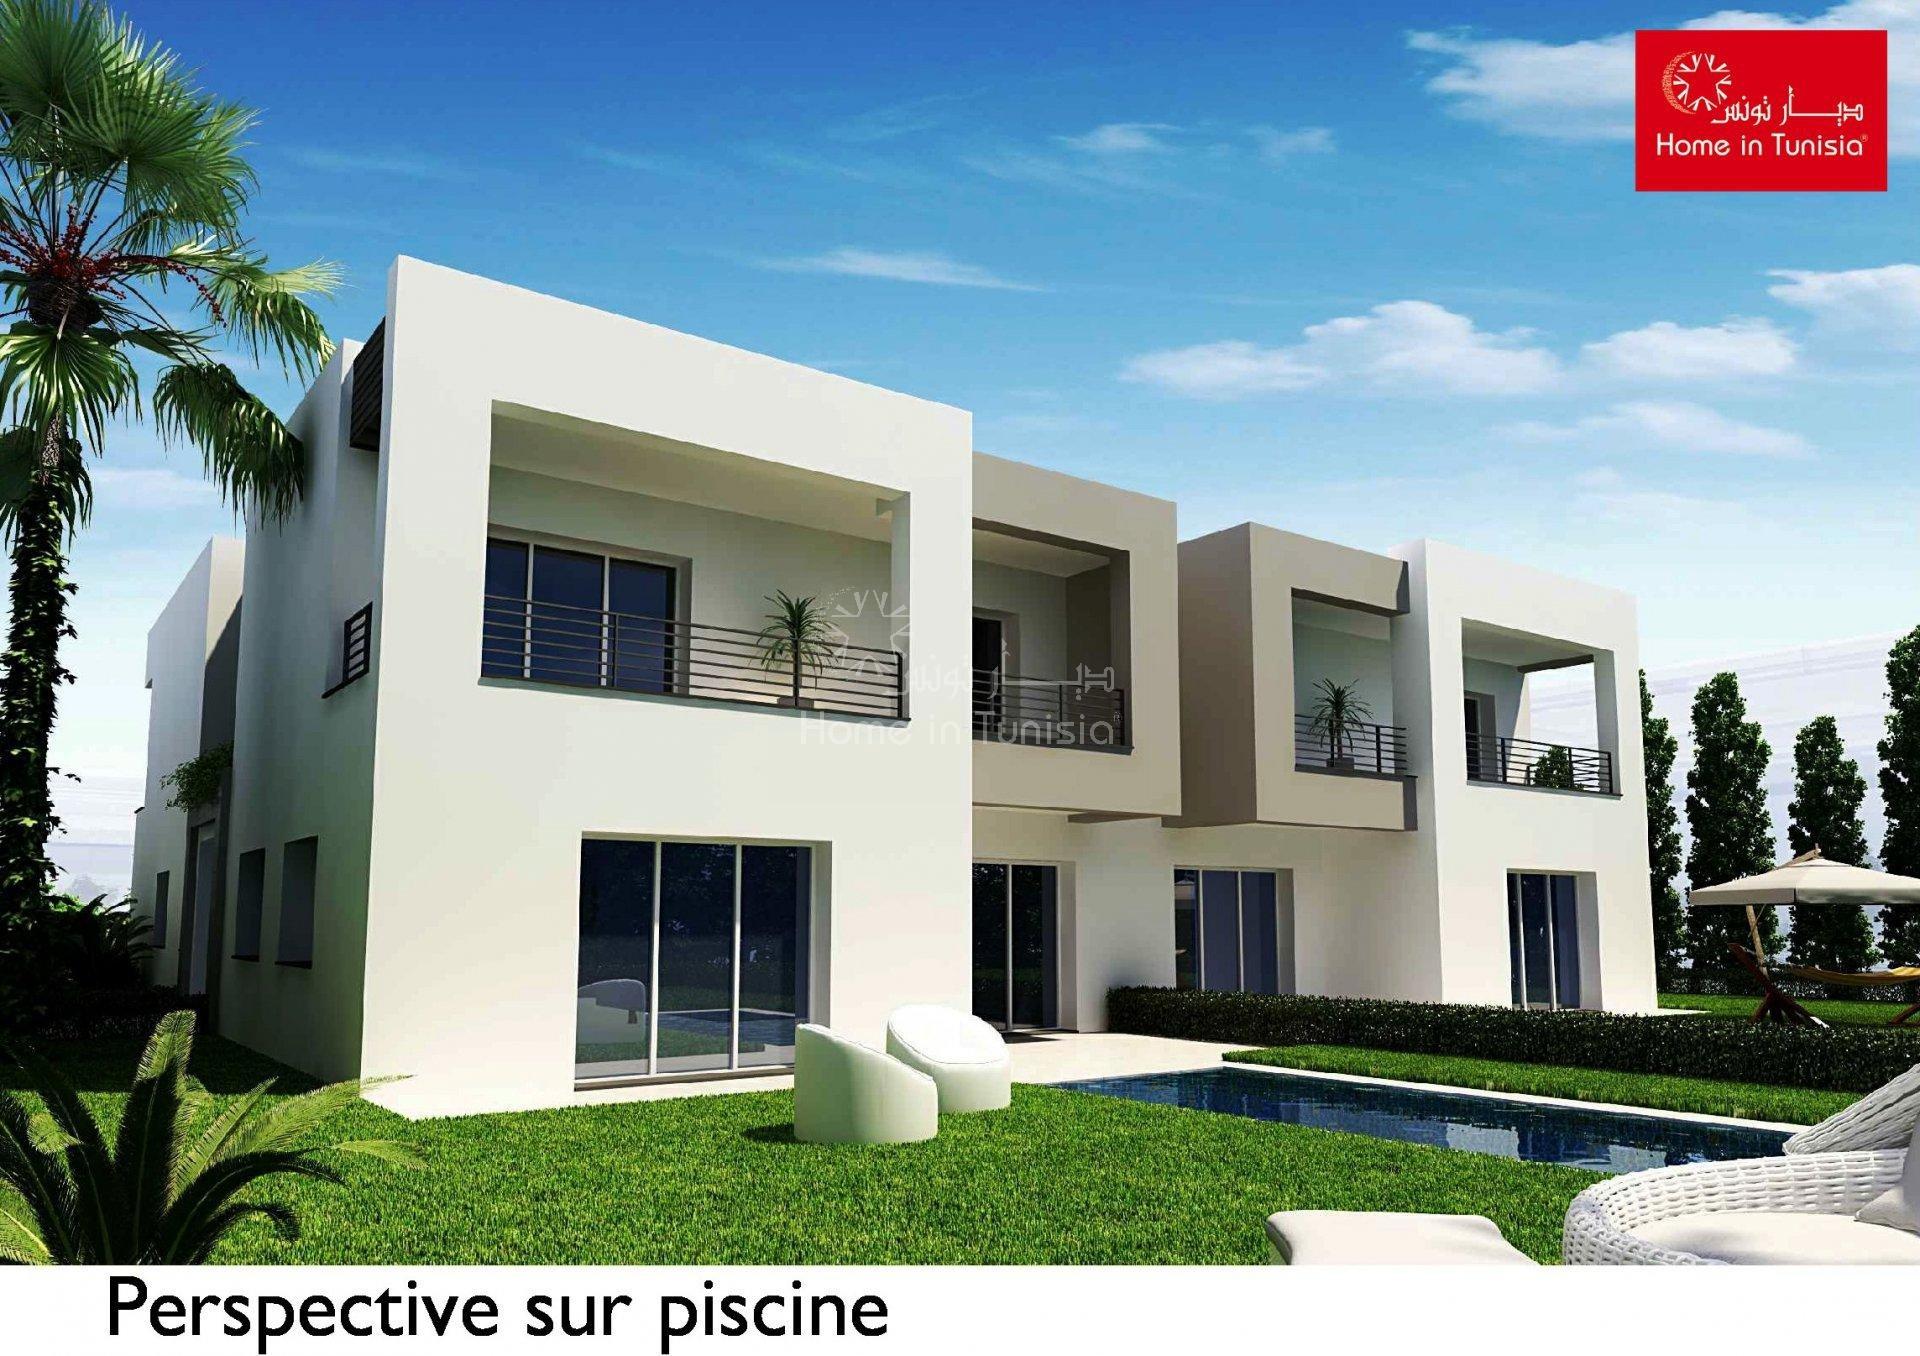 Vendita Villa - Gammarth - Tunisia